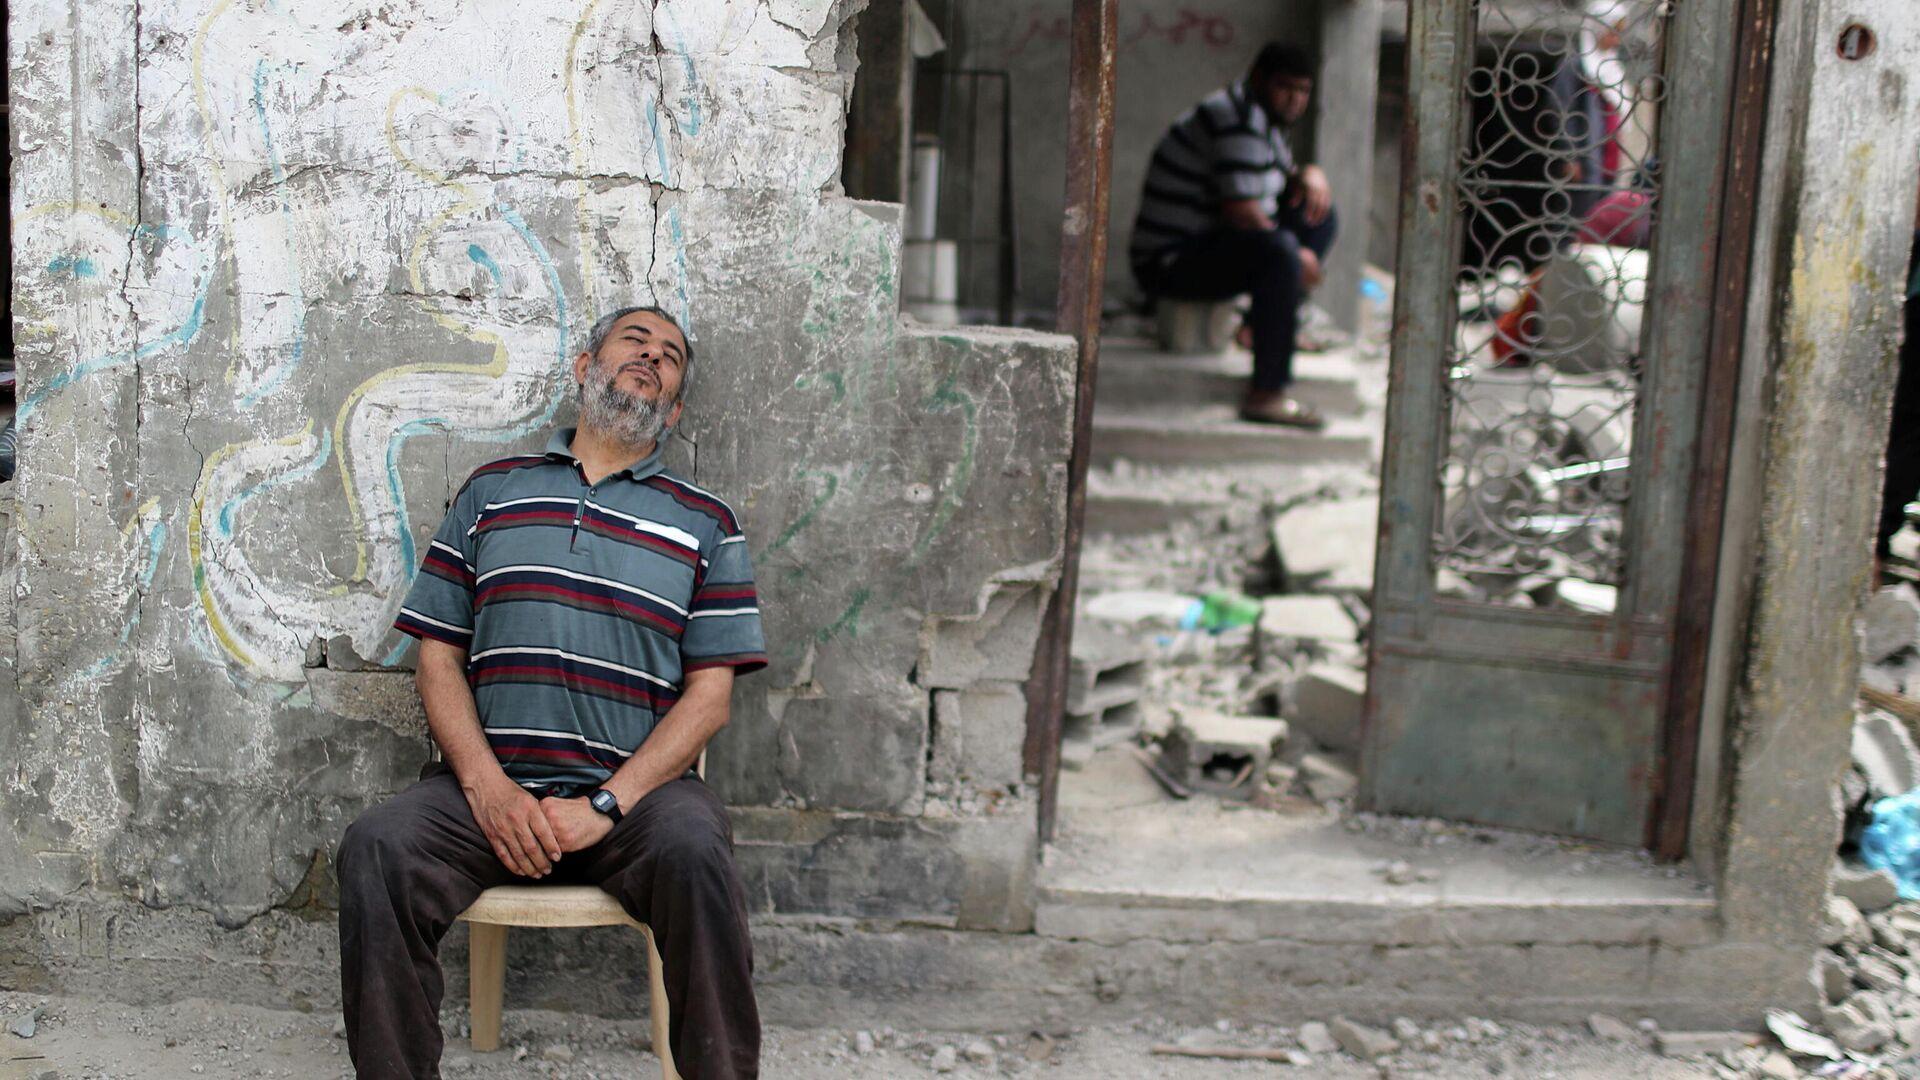 Situación en Gaza - Sputnik Mundo, 1920, 21.05.2021